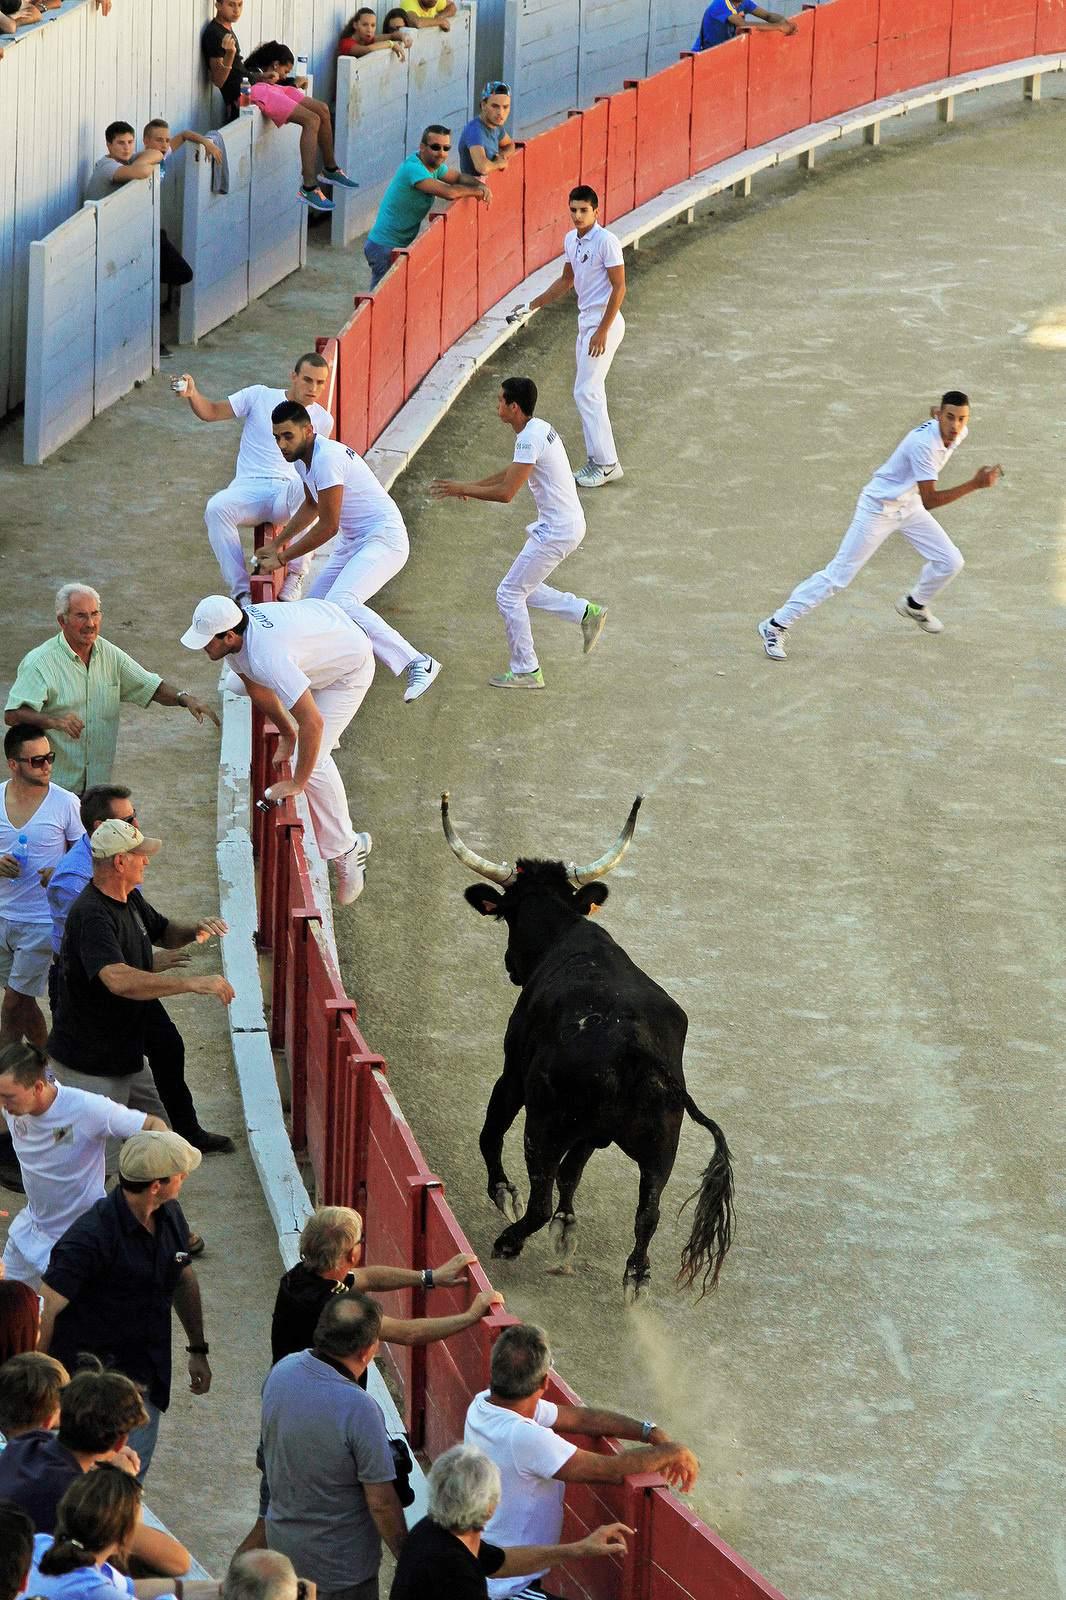 arles8 Bull Fighting in Arles Arena